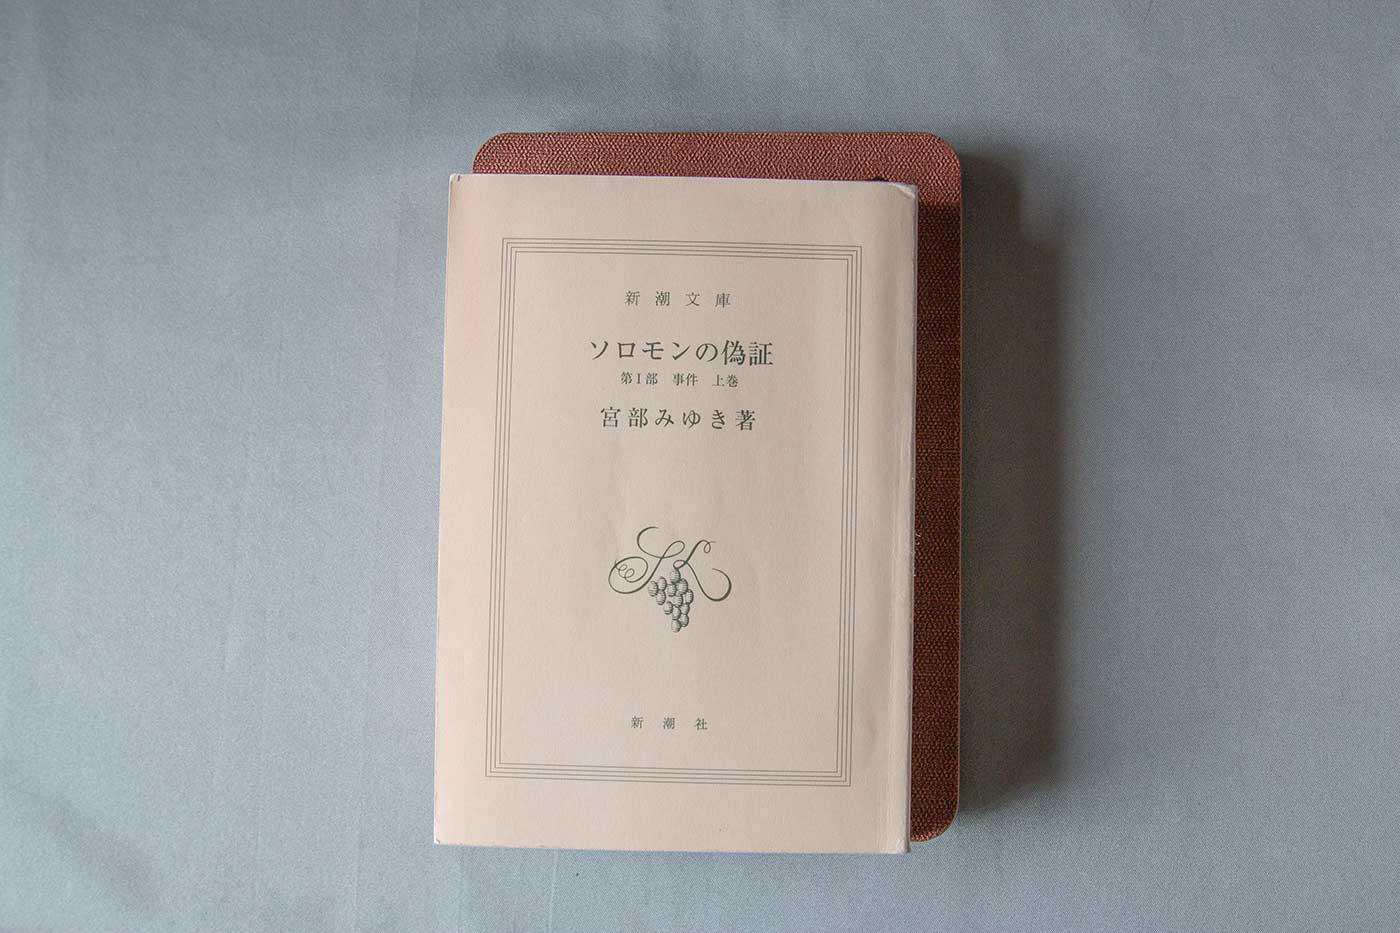 KindlePaperwhiteと文庫本のサイズ感